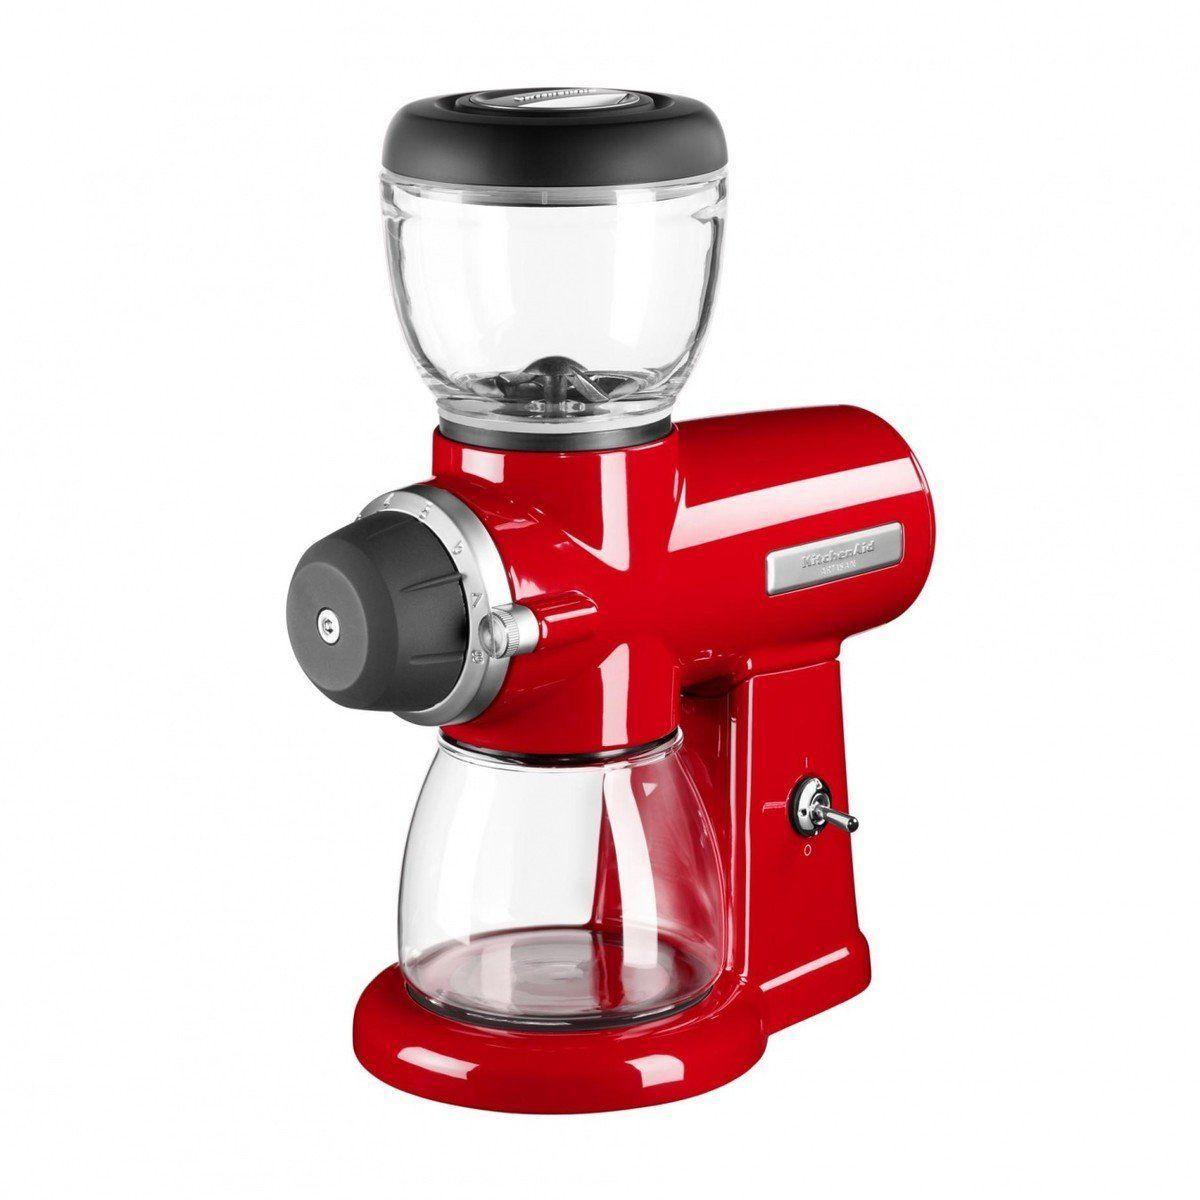 Artisan 5KCG0702 Kaffeemühle | KitchenAid | AmbienteDirect.com